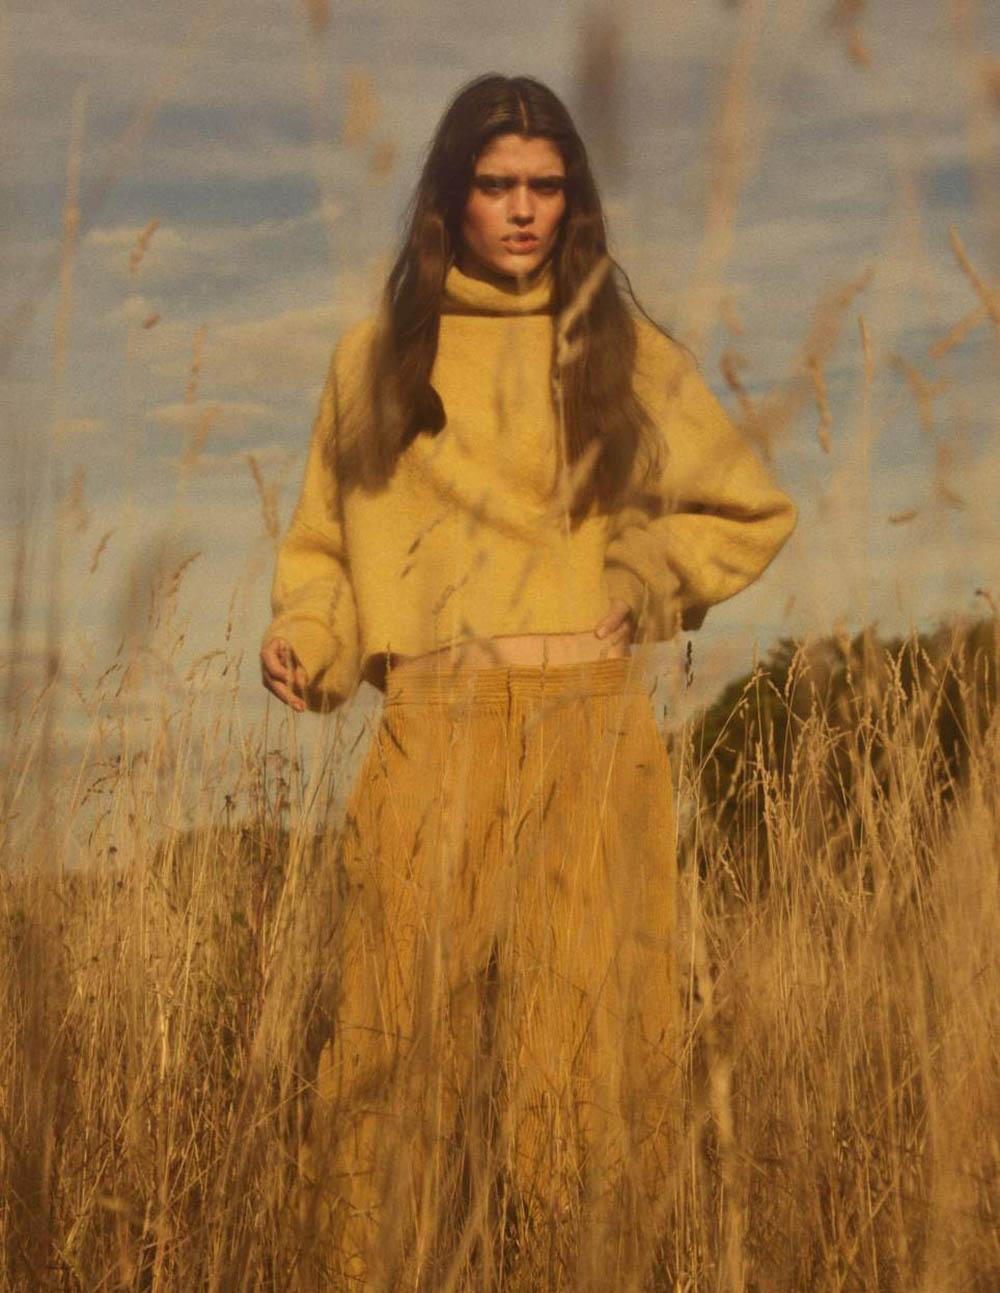 Alexandra Micu by Gregory Harris for Vogue Paris November 2018